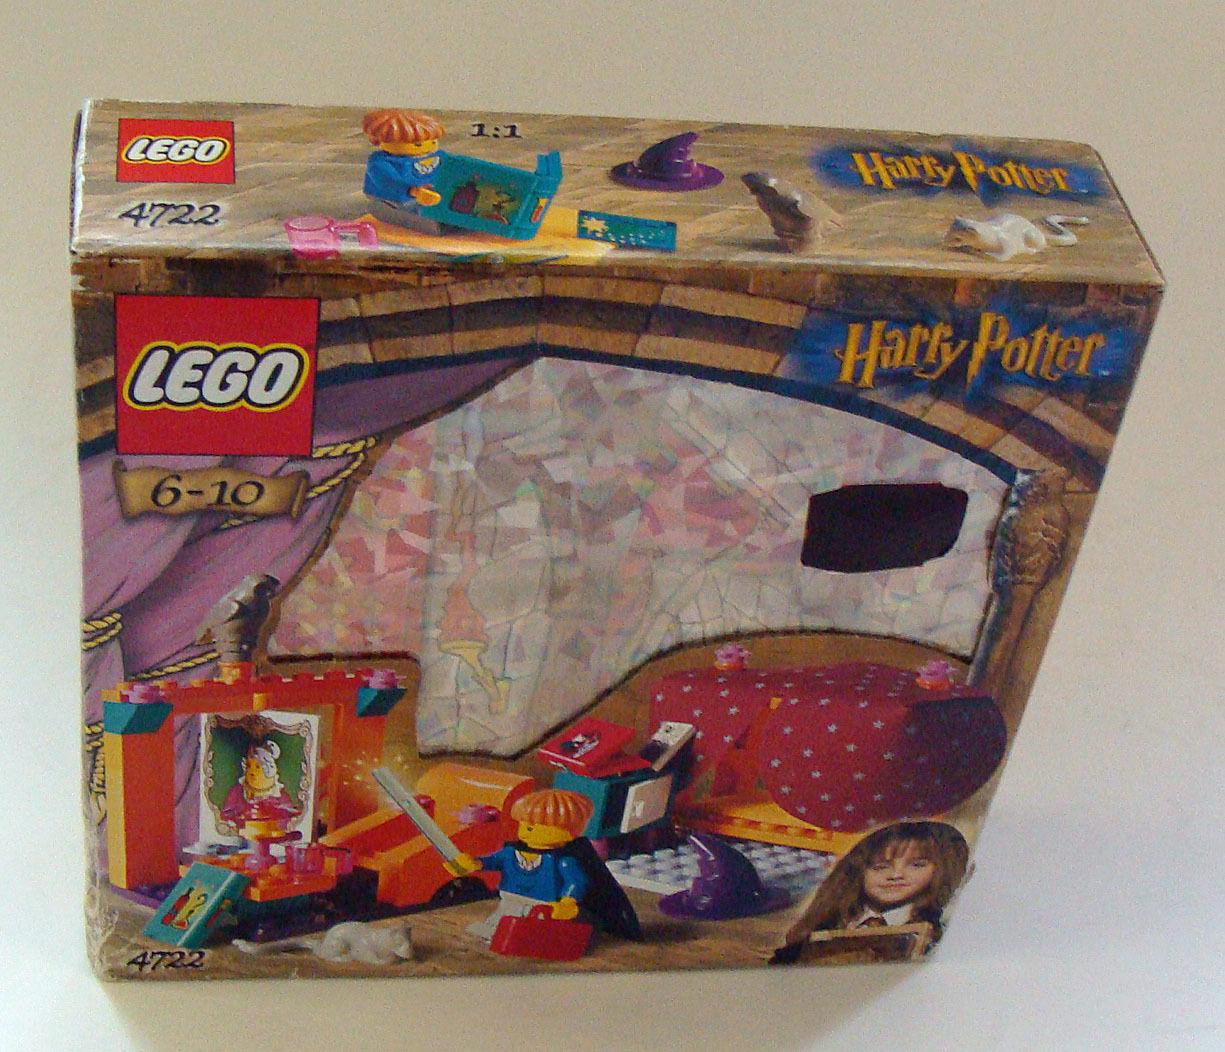 LEGO ® Harry Potter 4722-Grifondoro 65 parti 6-10 ANNI-NUOVO